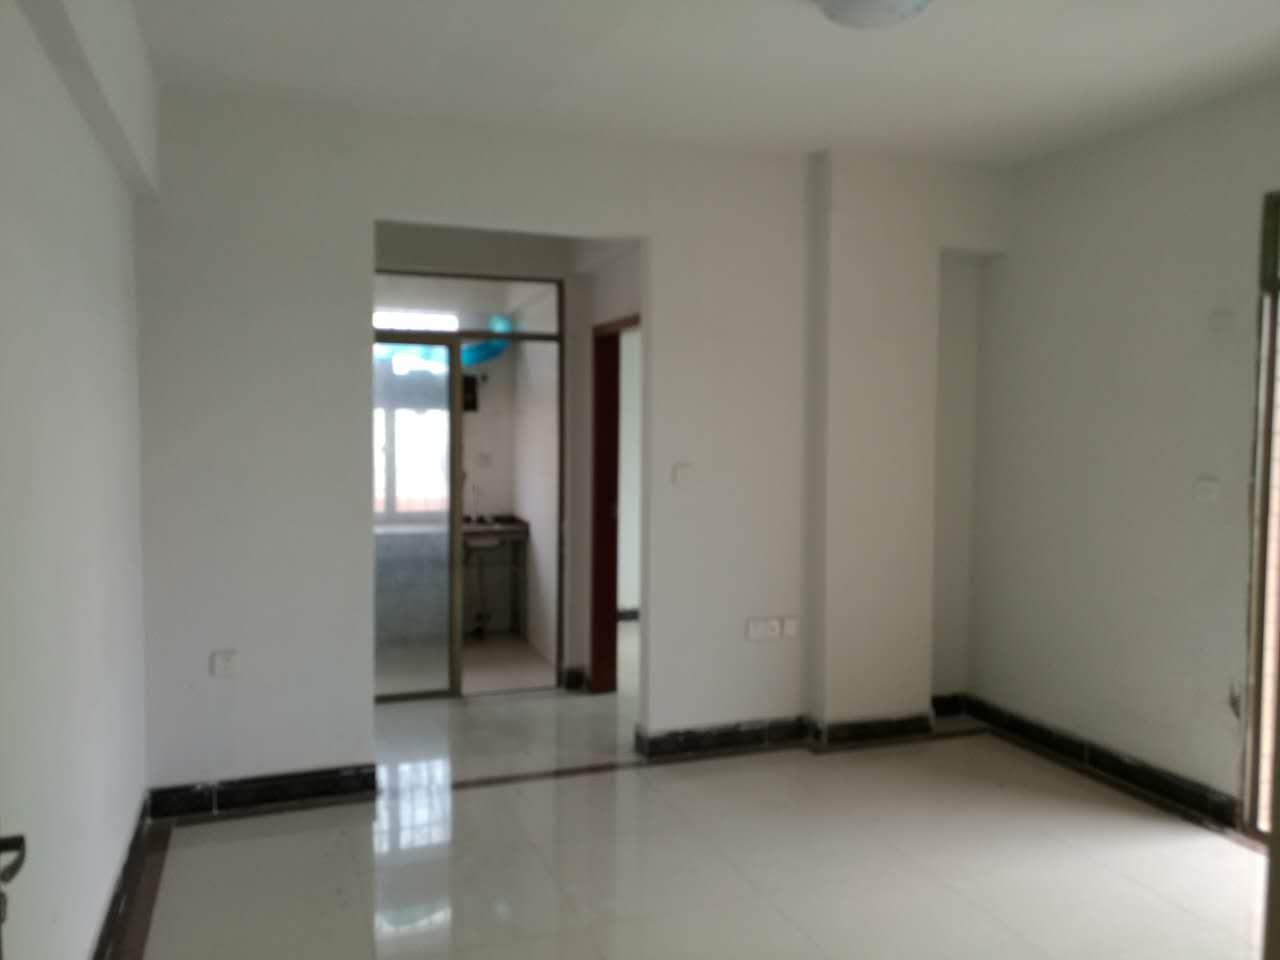 深圳公明小产权房19万起,公明马山头村带装修近地铁 三房二厅 第2张